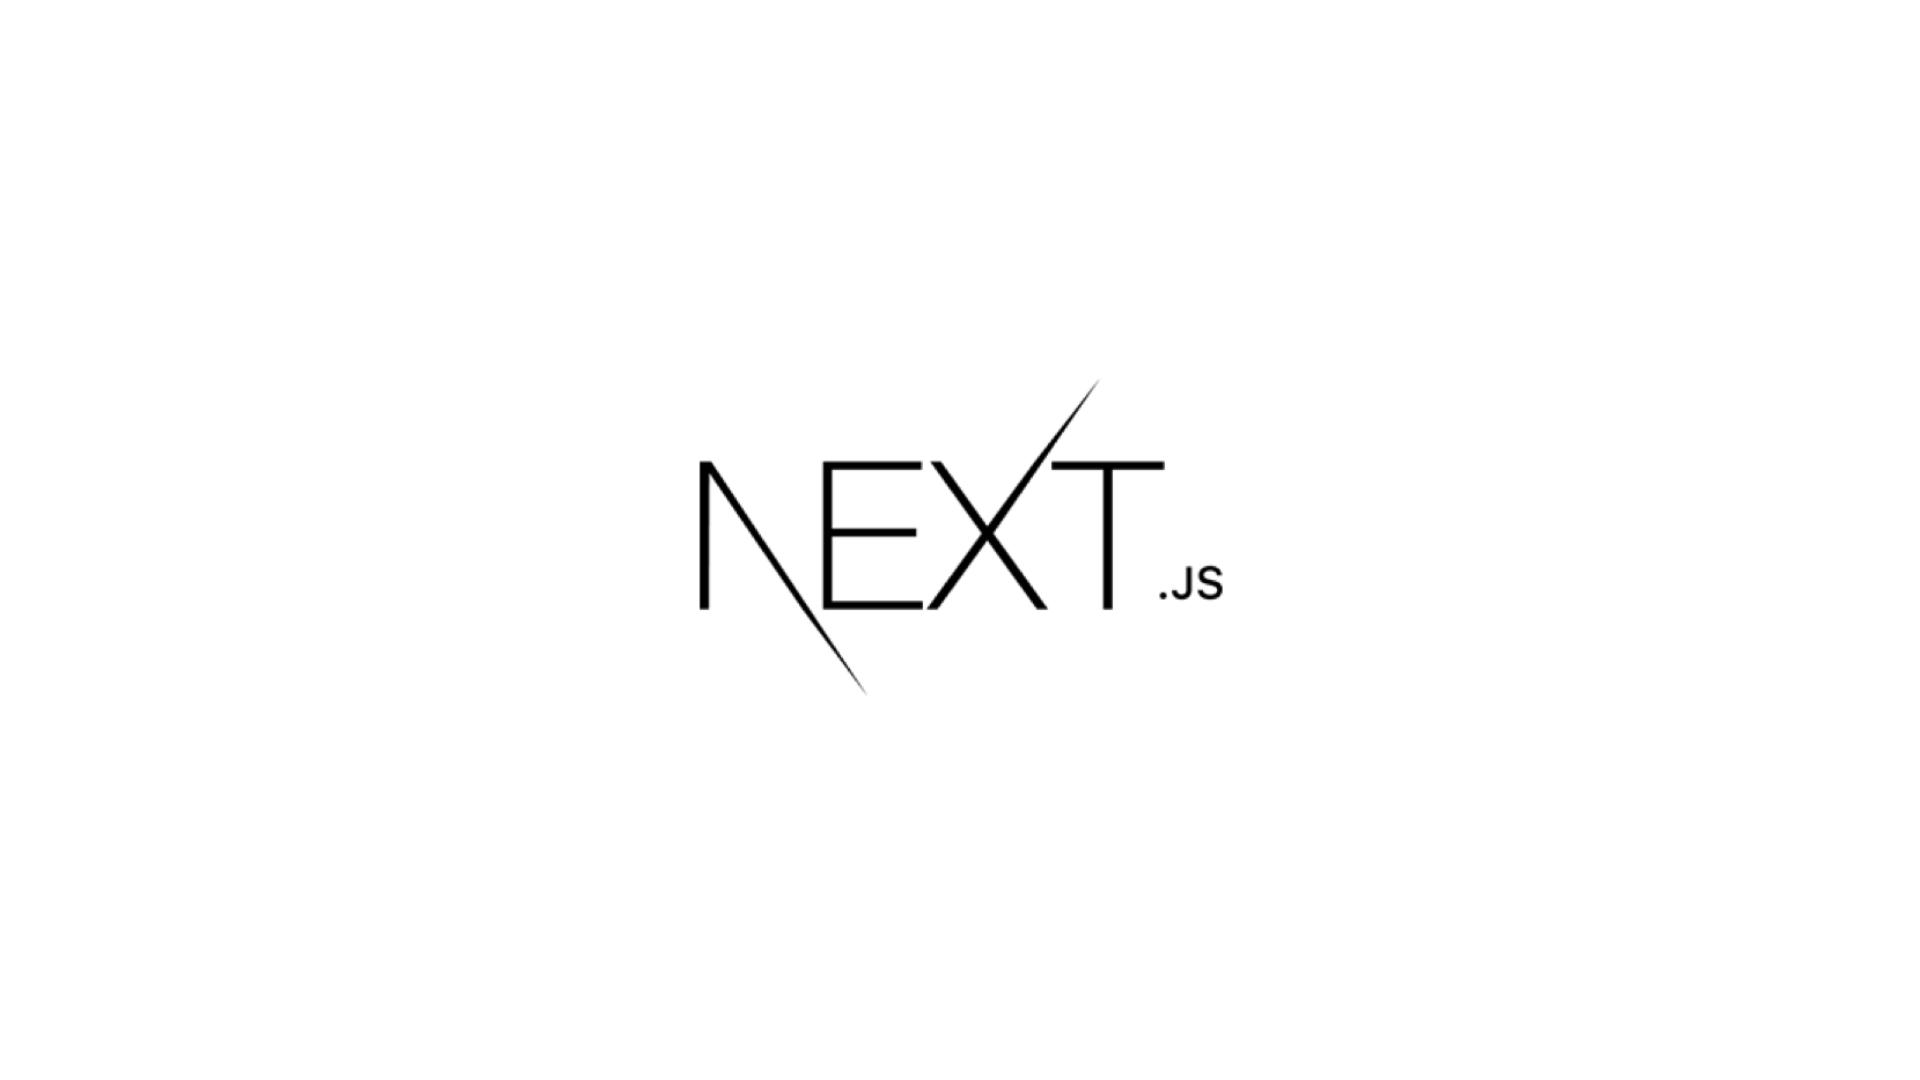 Next.jsを10から11にアップグレードする